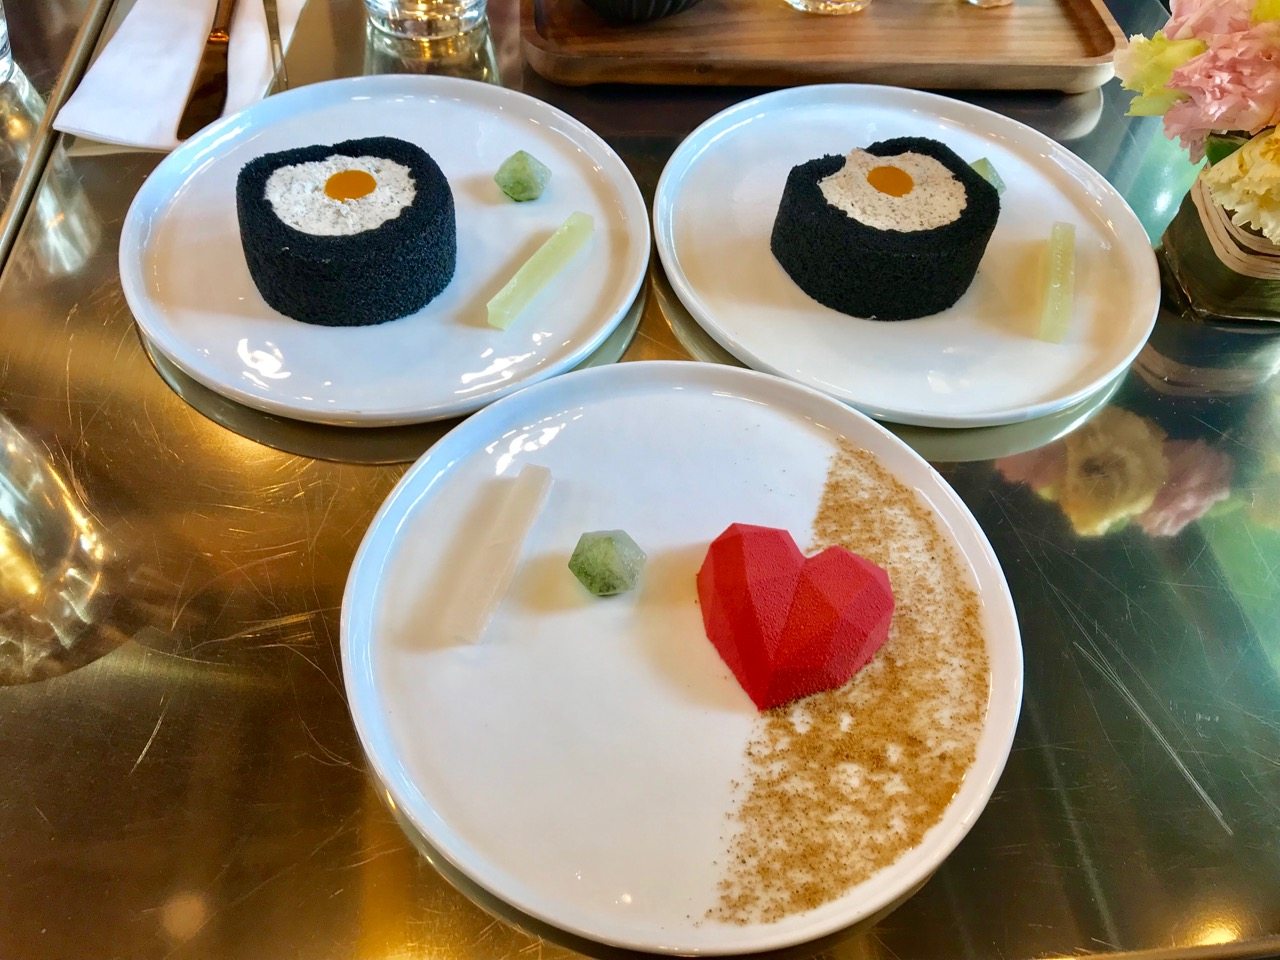 ハートのお菓子と黒ごまロールケーキ